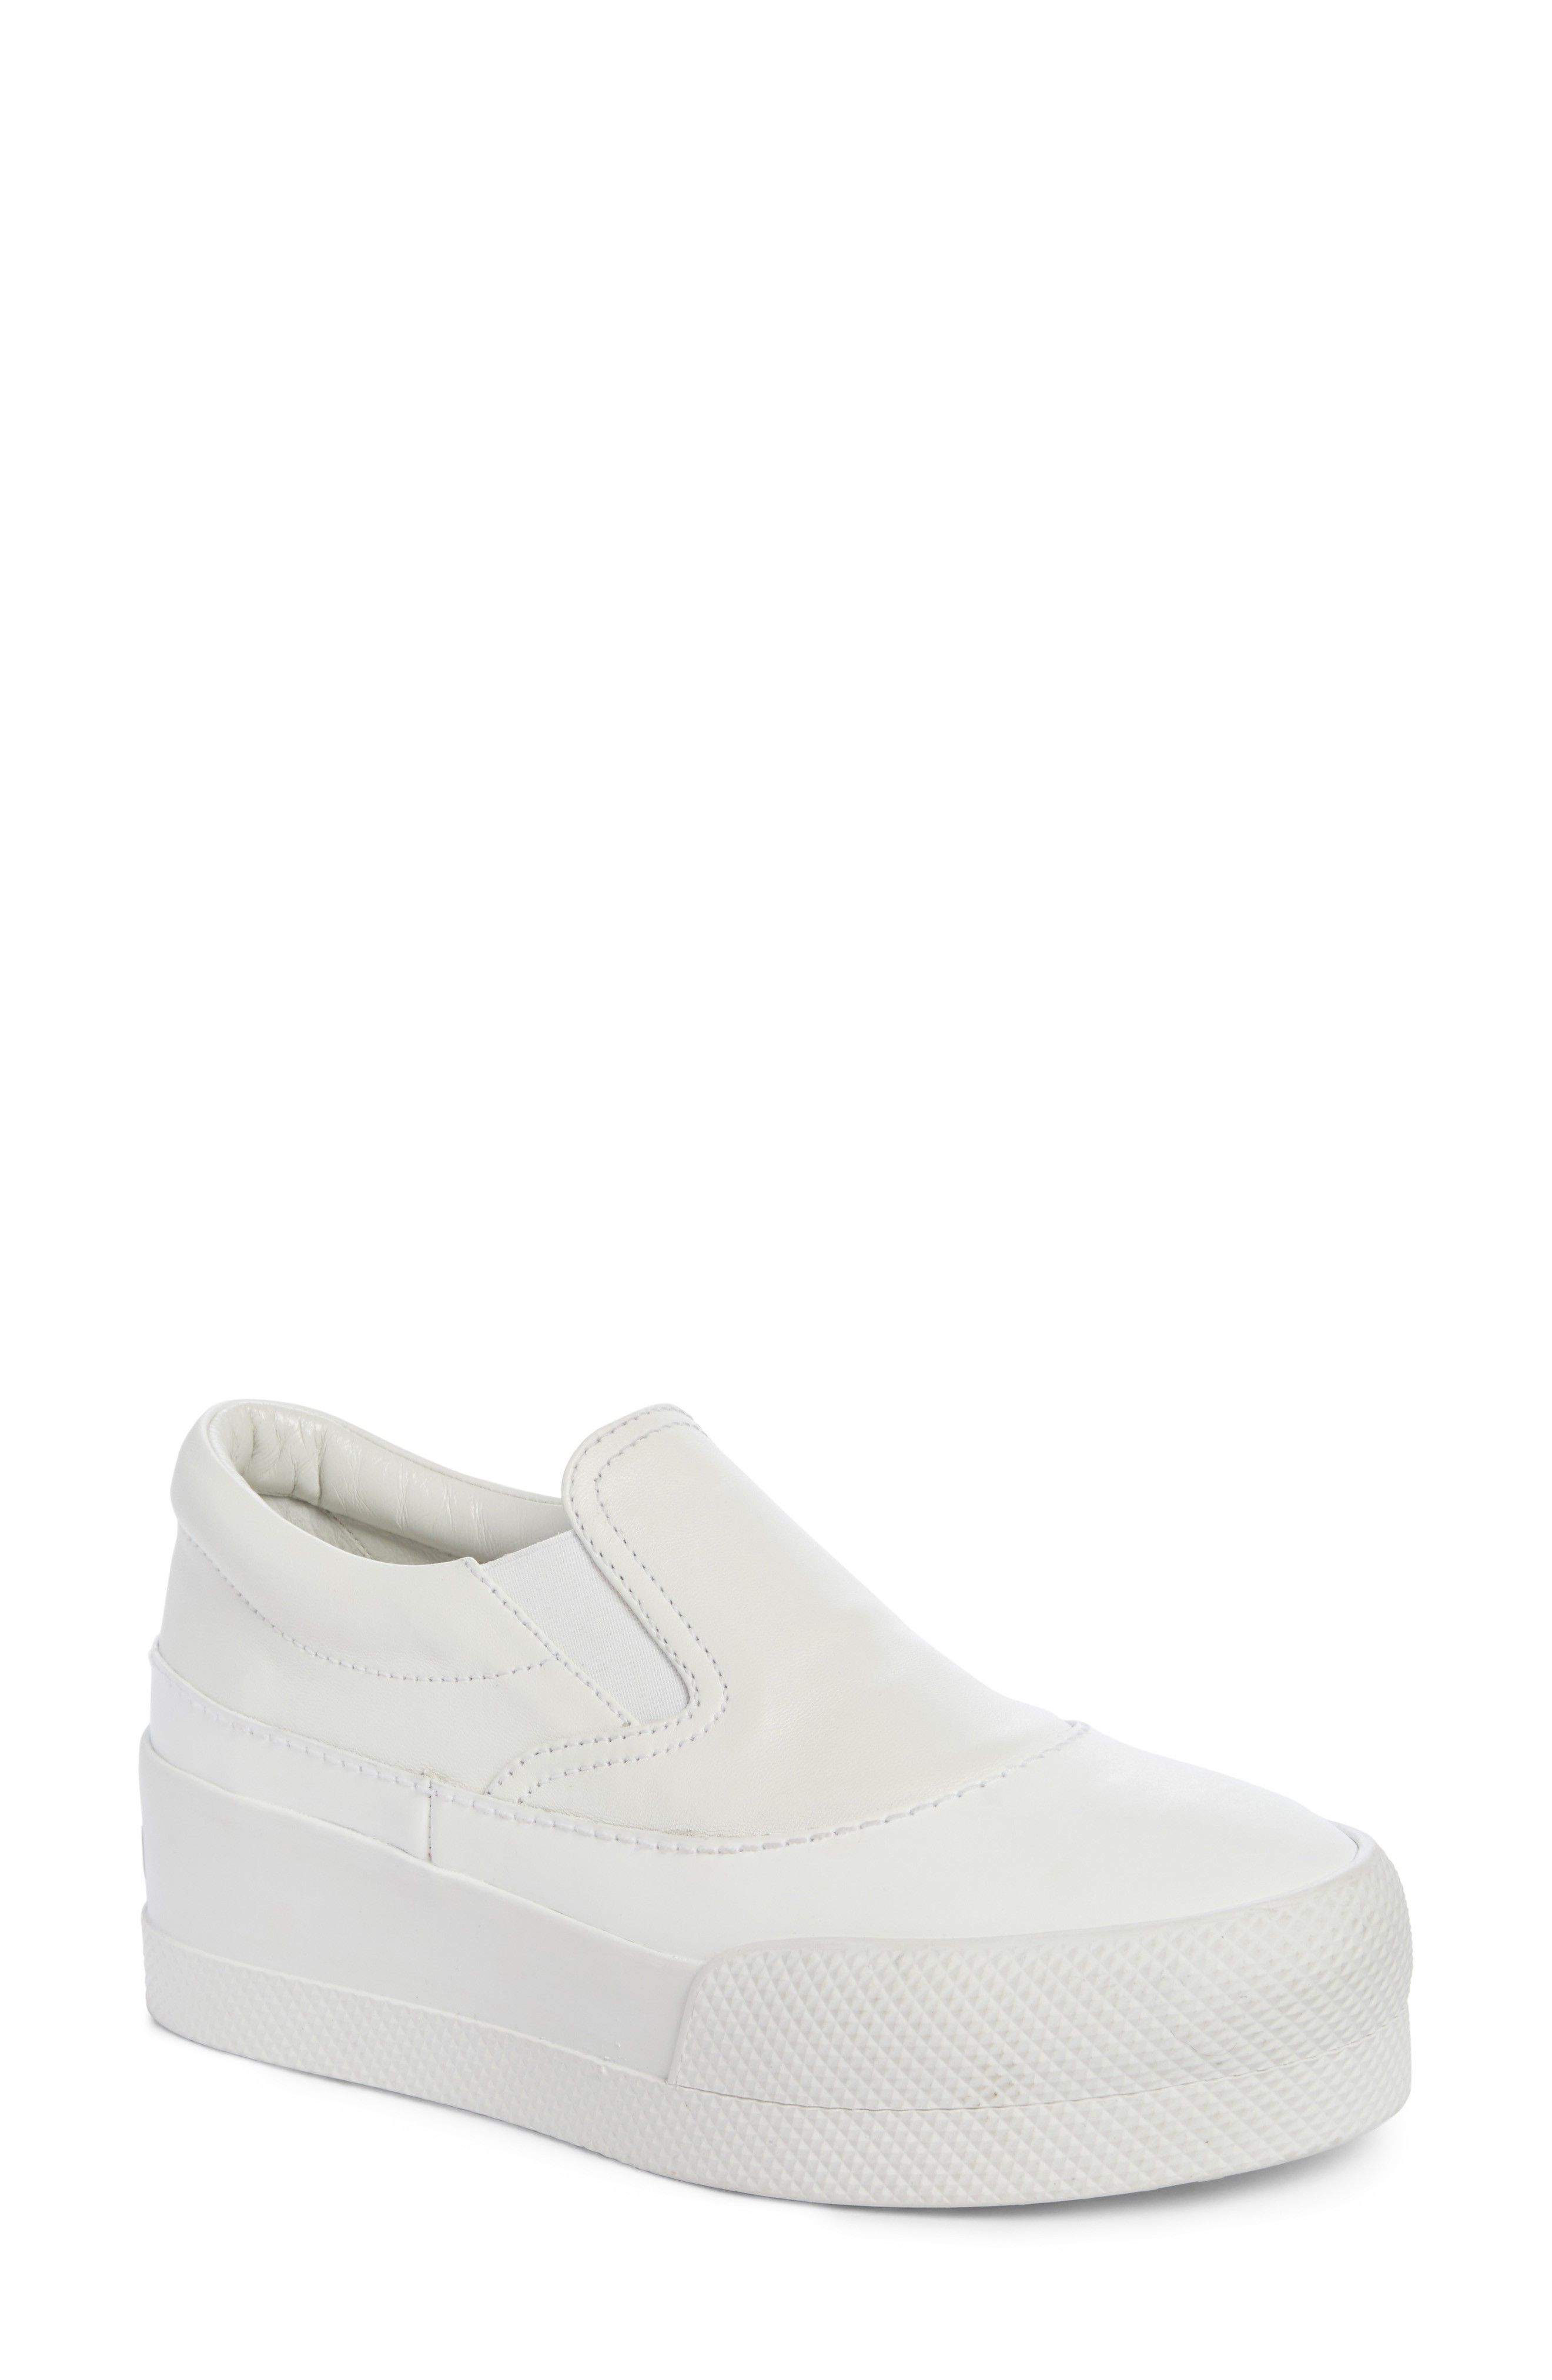 2bd7e7d34bb New MIU MIU Platform Skate Sneaker online. New MIU MIU Shoes.   550 ...